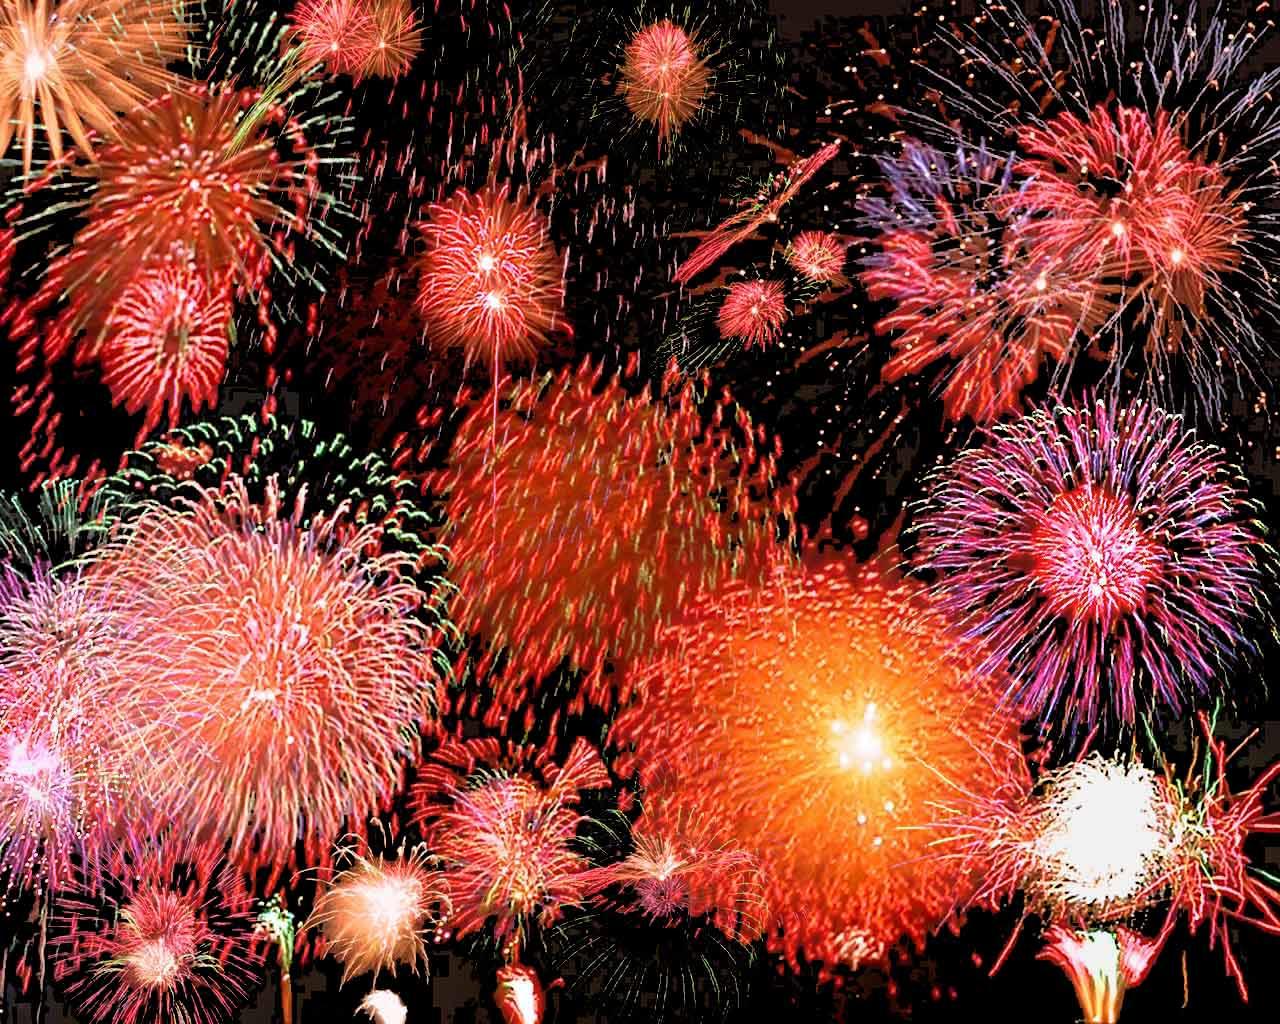 http://2.bp.blogspot.com/-ZJak_NGRPgk/TgRCW2D1pdI/AAAAAAAAAnQ/Vsj-Qs1Bfco/s1600/fireworks1.jpg